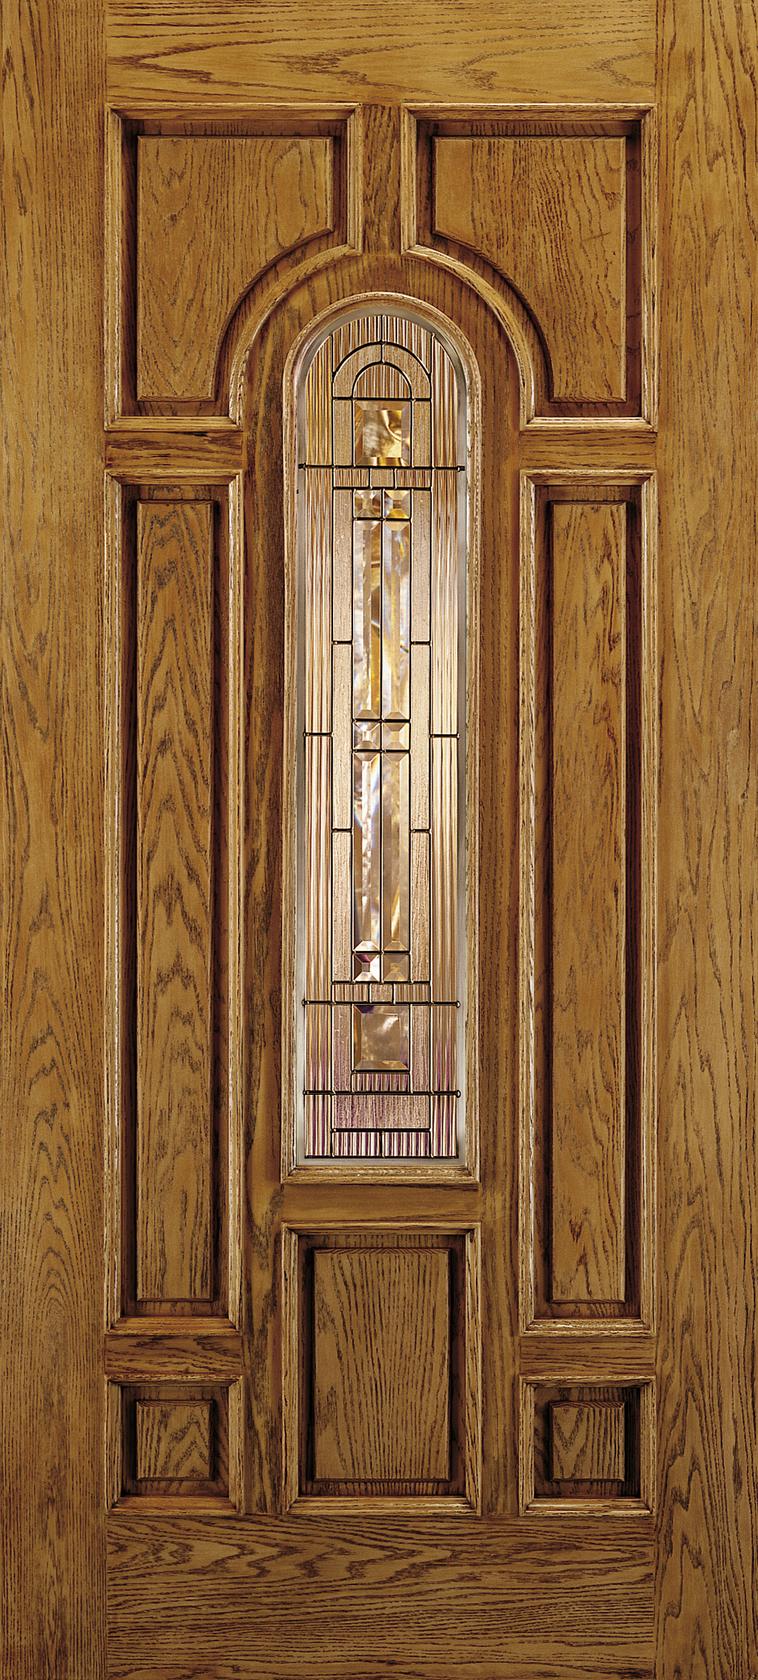 Aurora Custom Fiberglass Glass Panel Exterior Door Jeld Wen Doors Amp Windows Fiberglass Exterior Doors Energy Efficient Door Exterior Doors